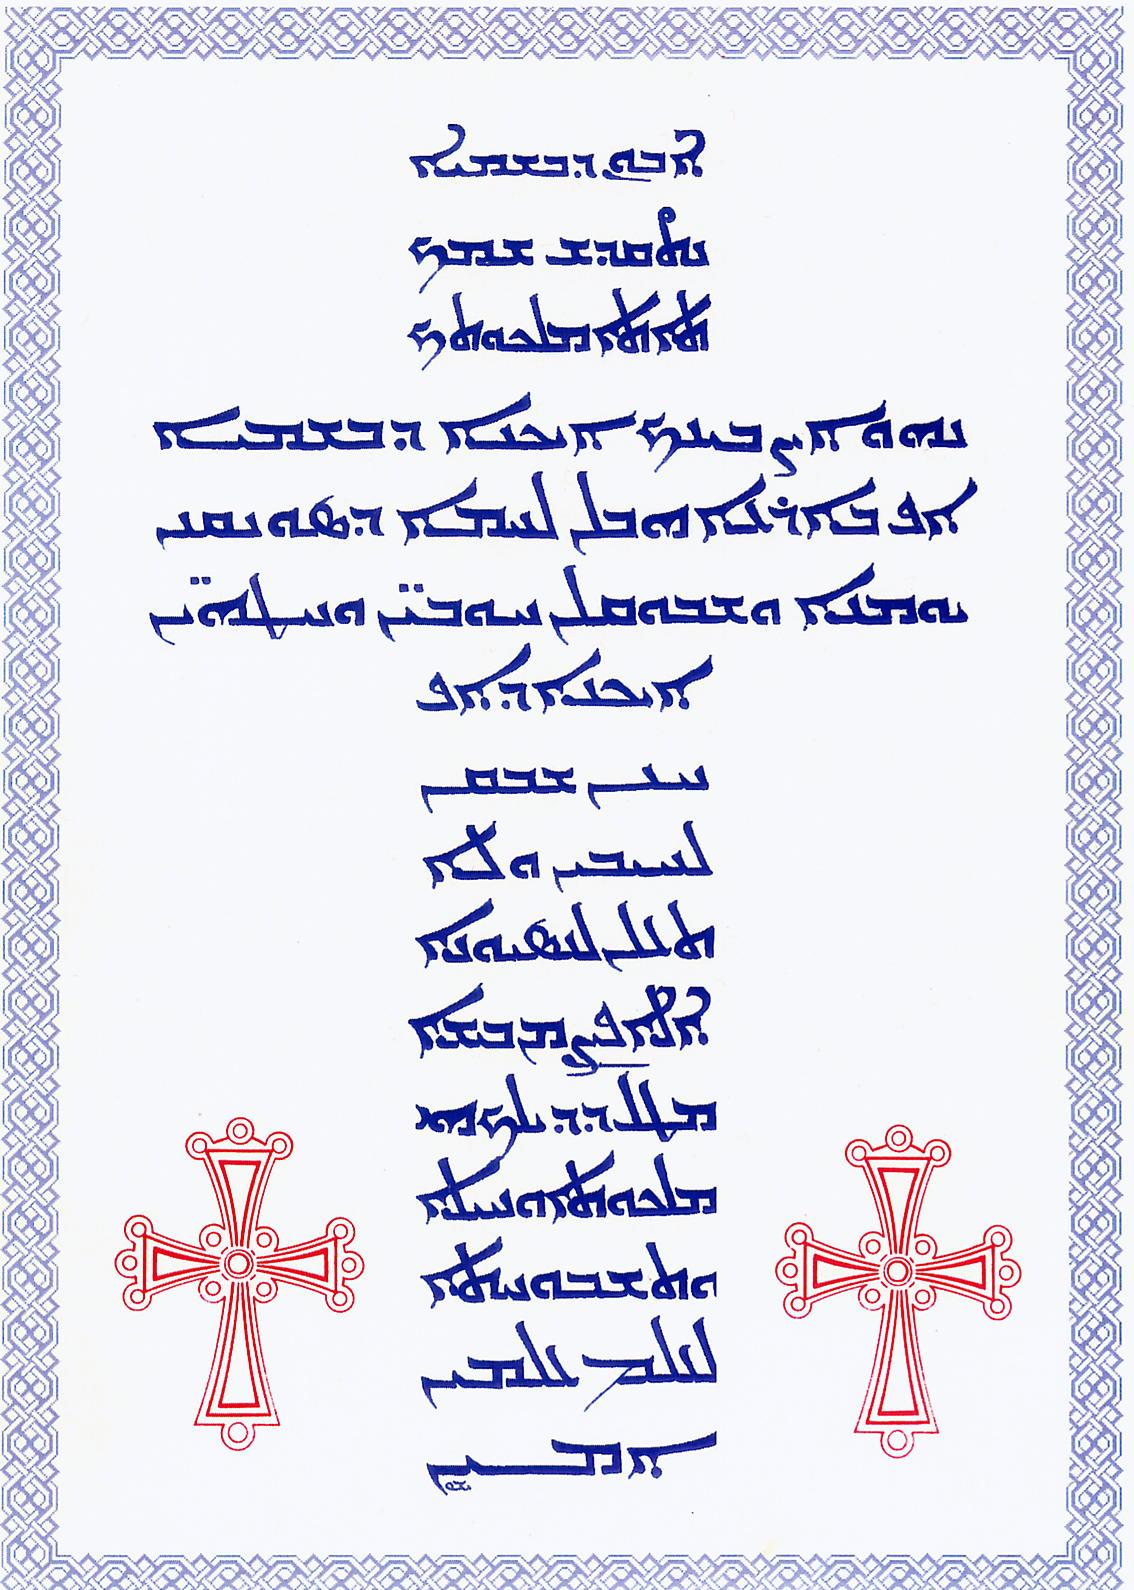 سلسلة تعليم اللغة السريانية للربان انطونيوس لحدو